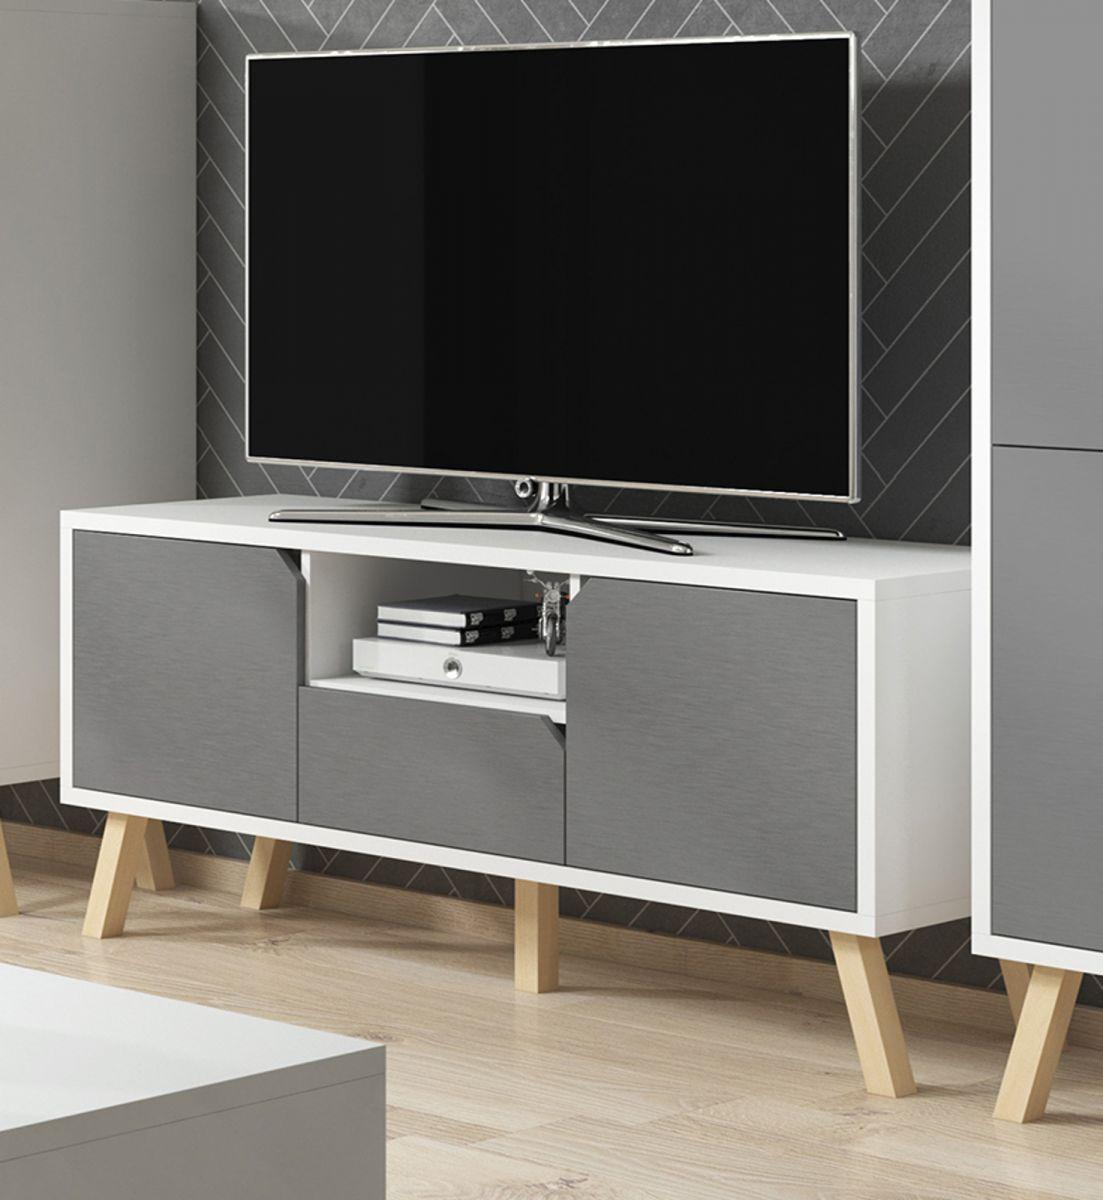 TV-Lowboard Edos in grau und weiss 140 x 70 cm